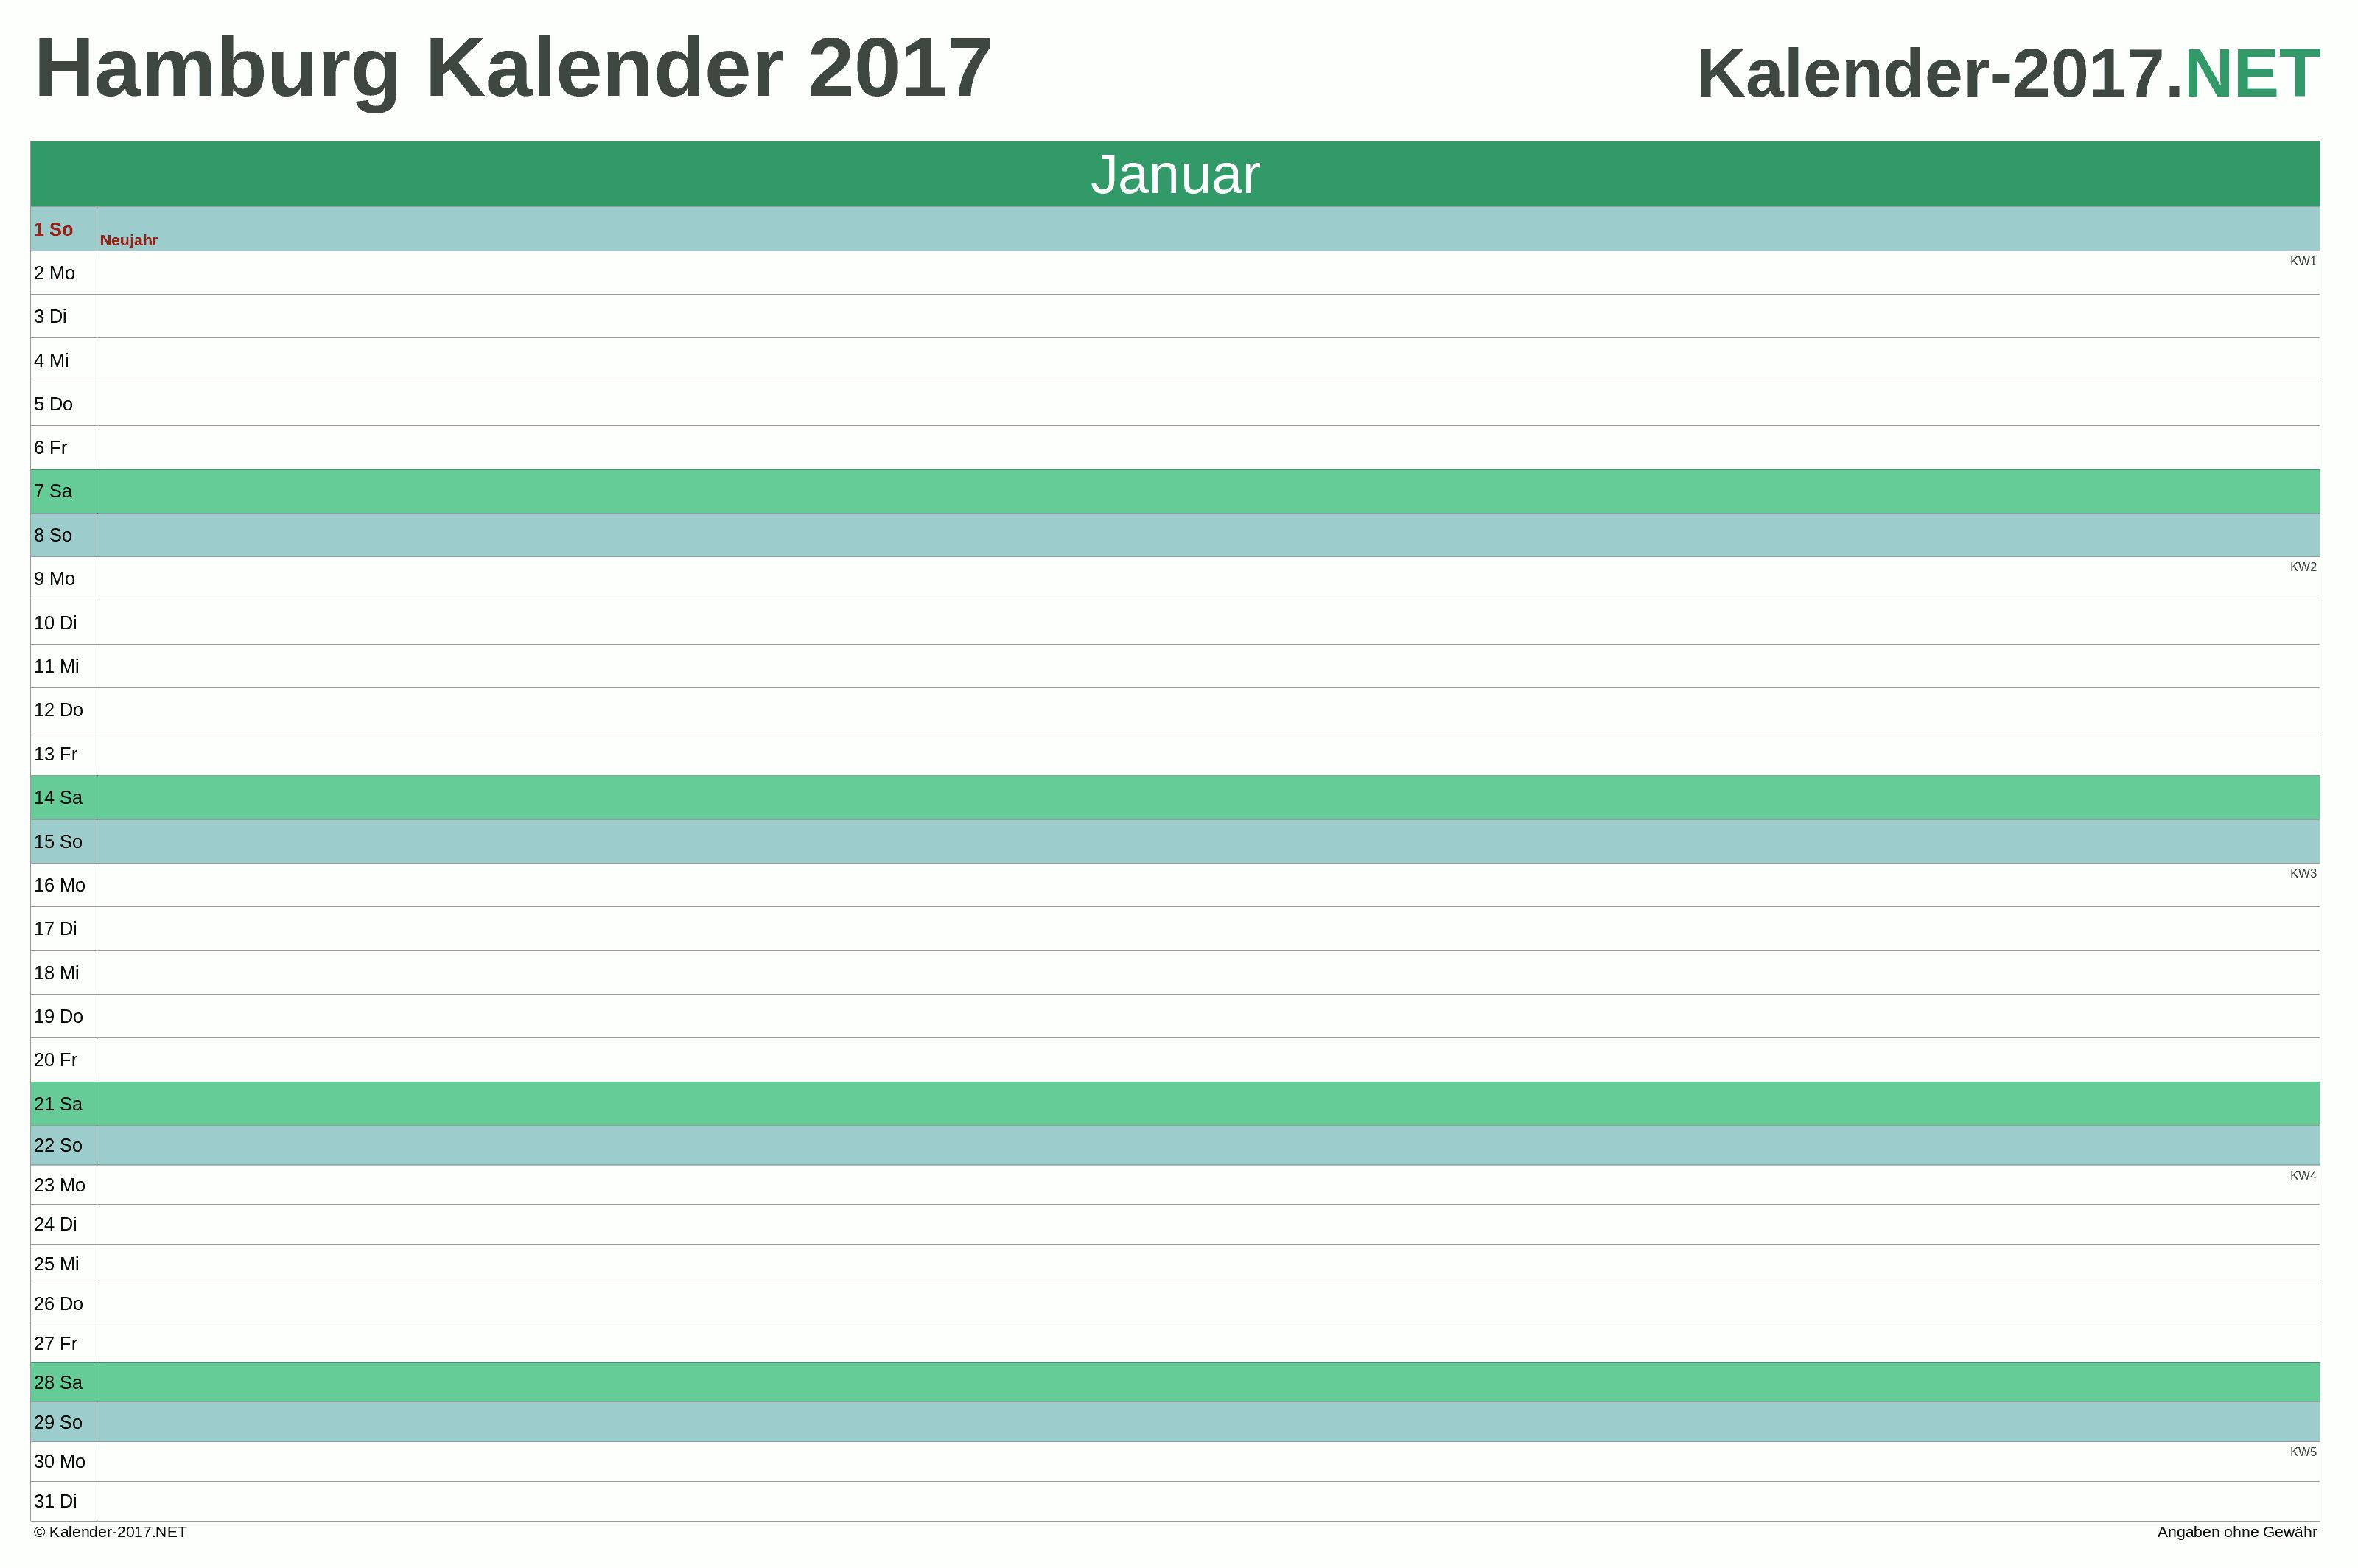 Kalender 2017 Hamburg